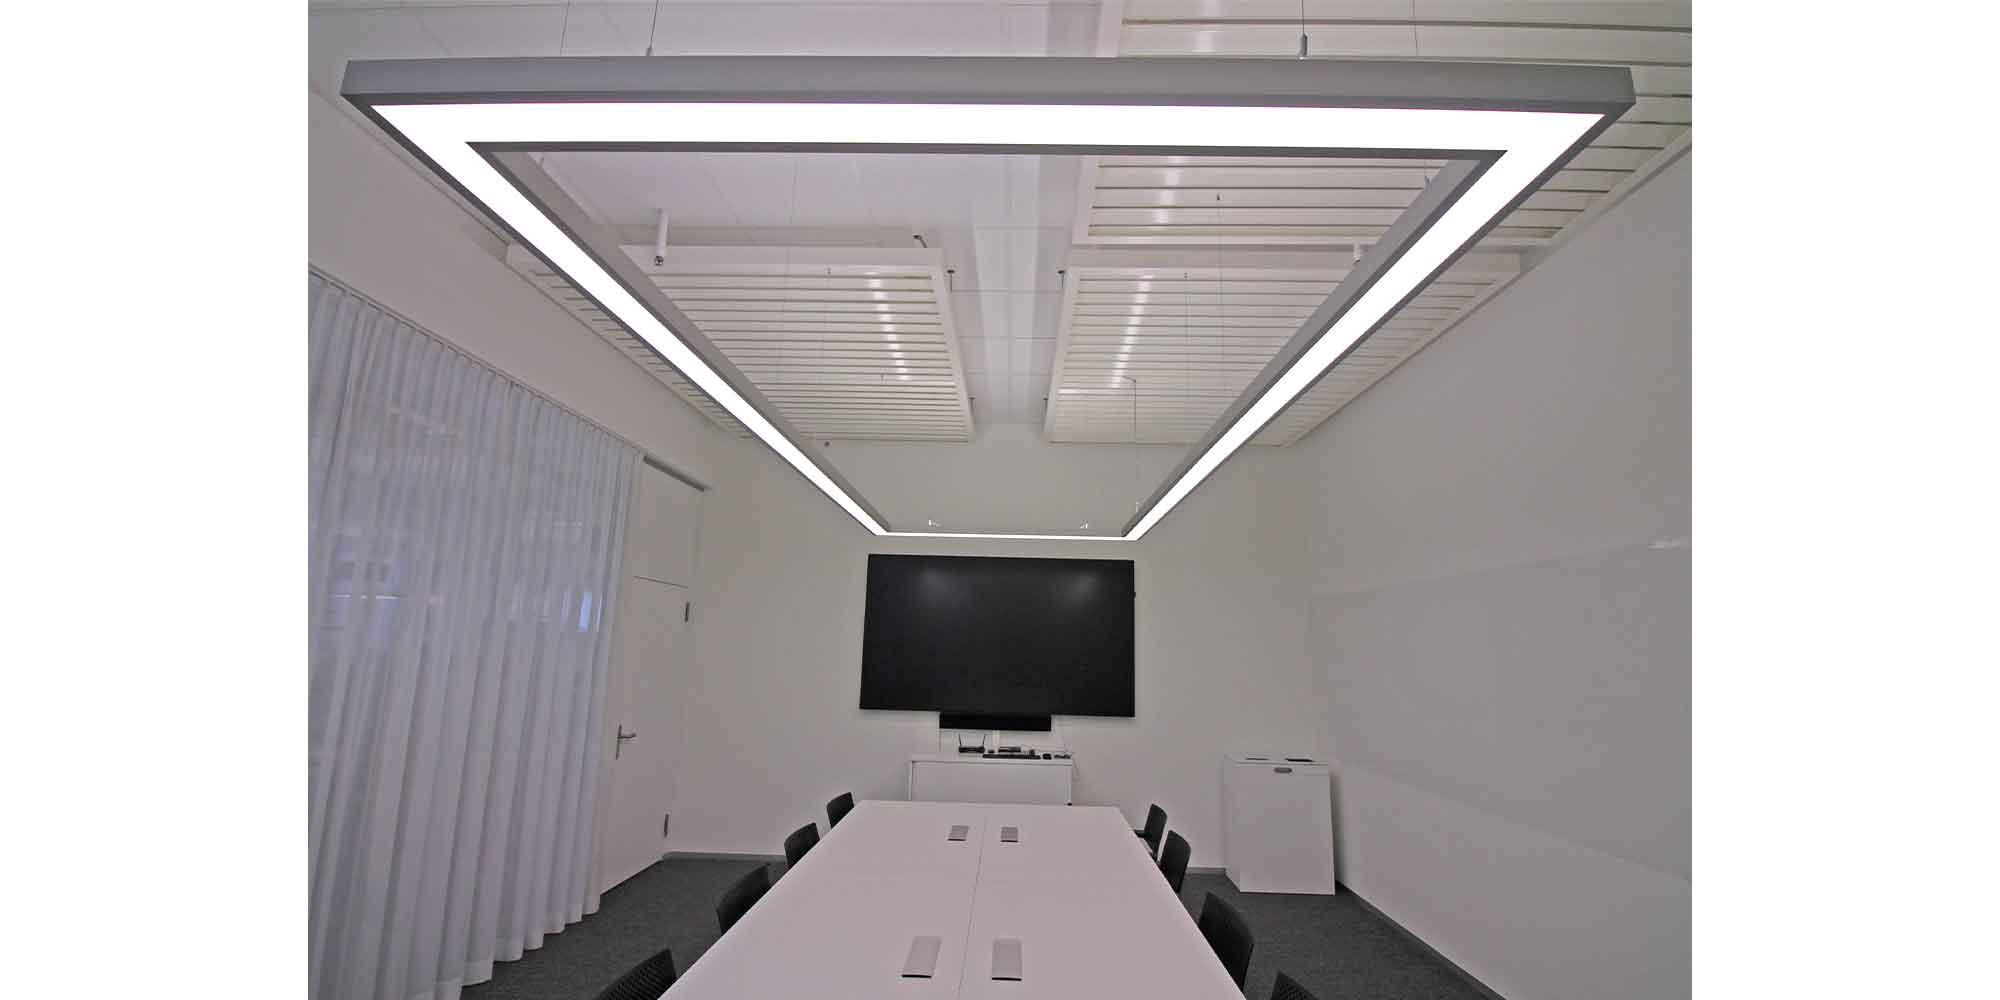 matric lichtkanäle von Lightnet als rechteck passend zum sitzungstisch